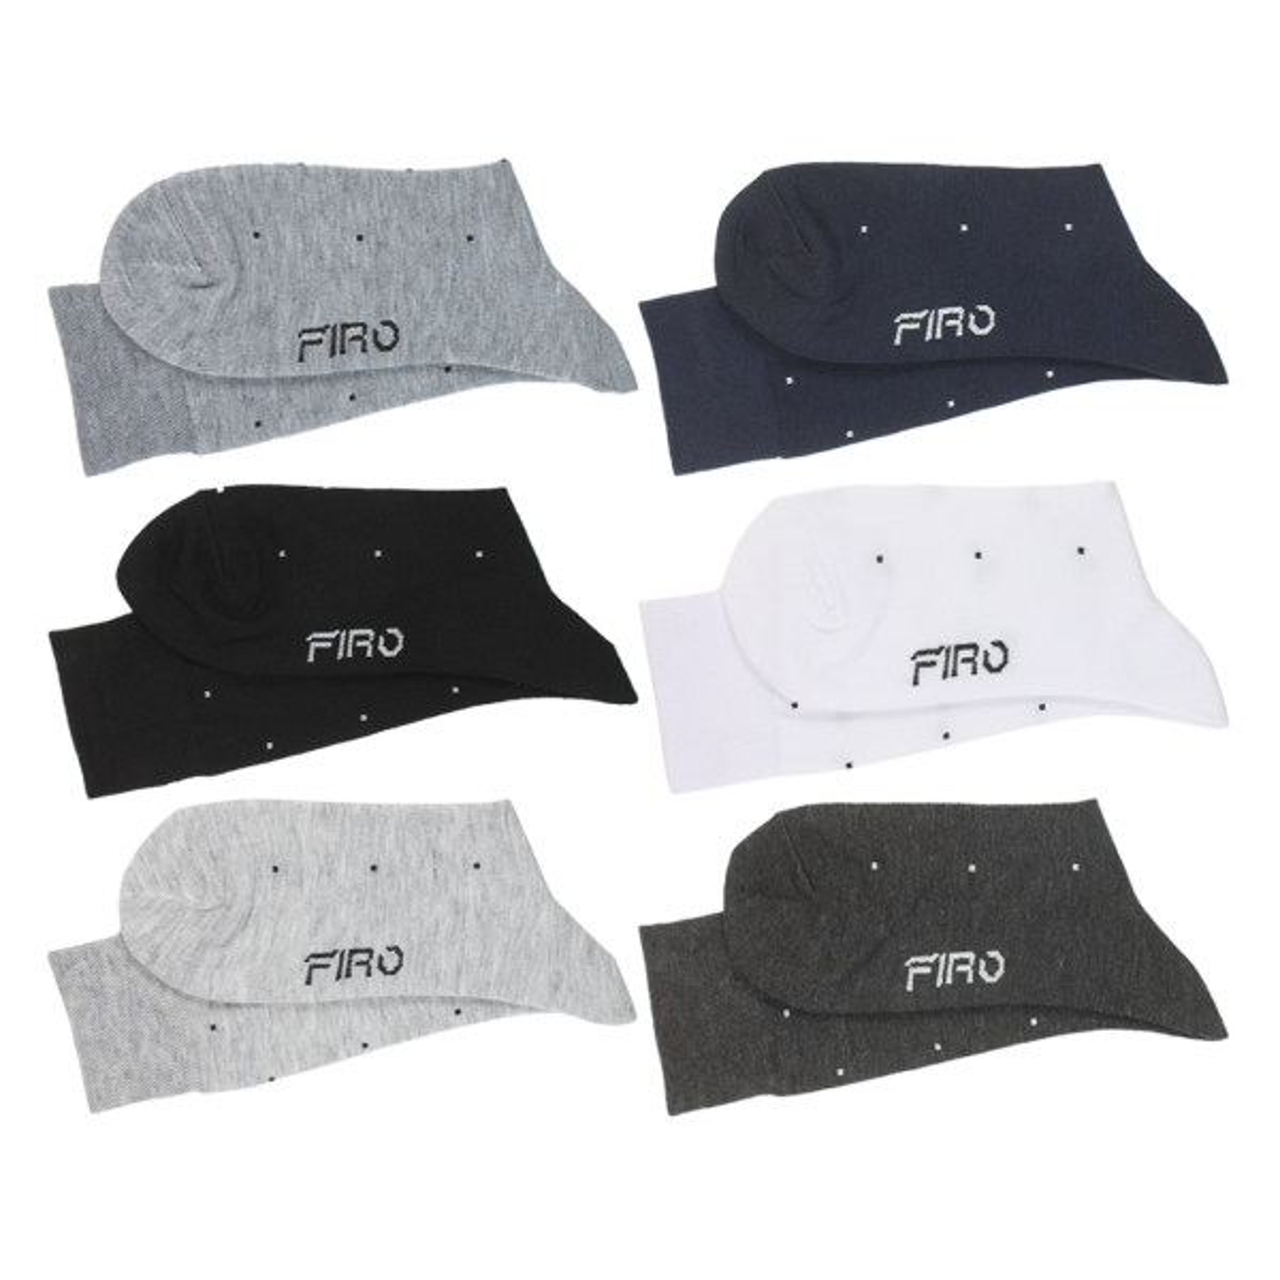 جوراب مردانه فیرو کد FT560 مجموعه 6 عددی